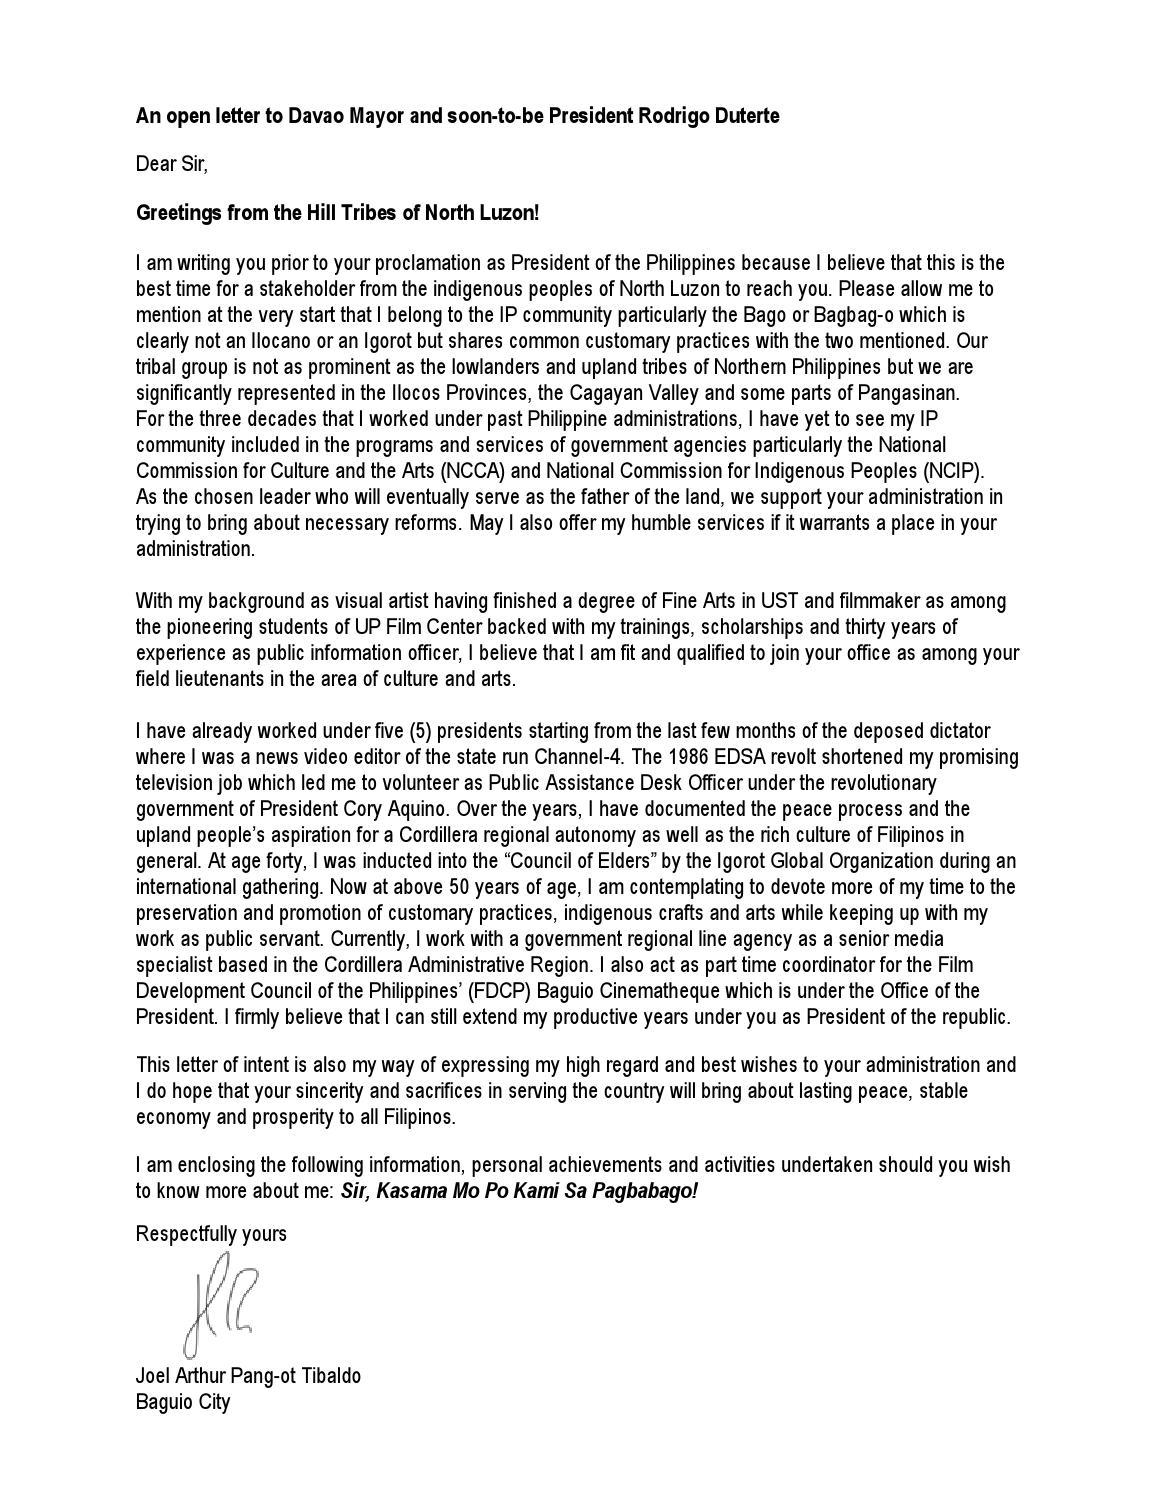 An Open Letter To Presumptive President Rodrigo Duterte By Art